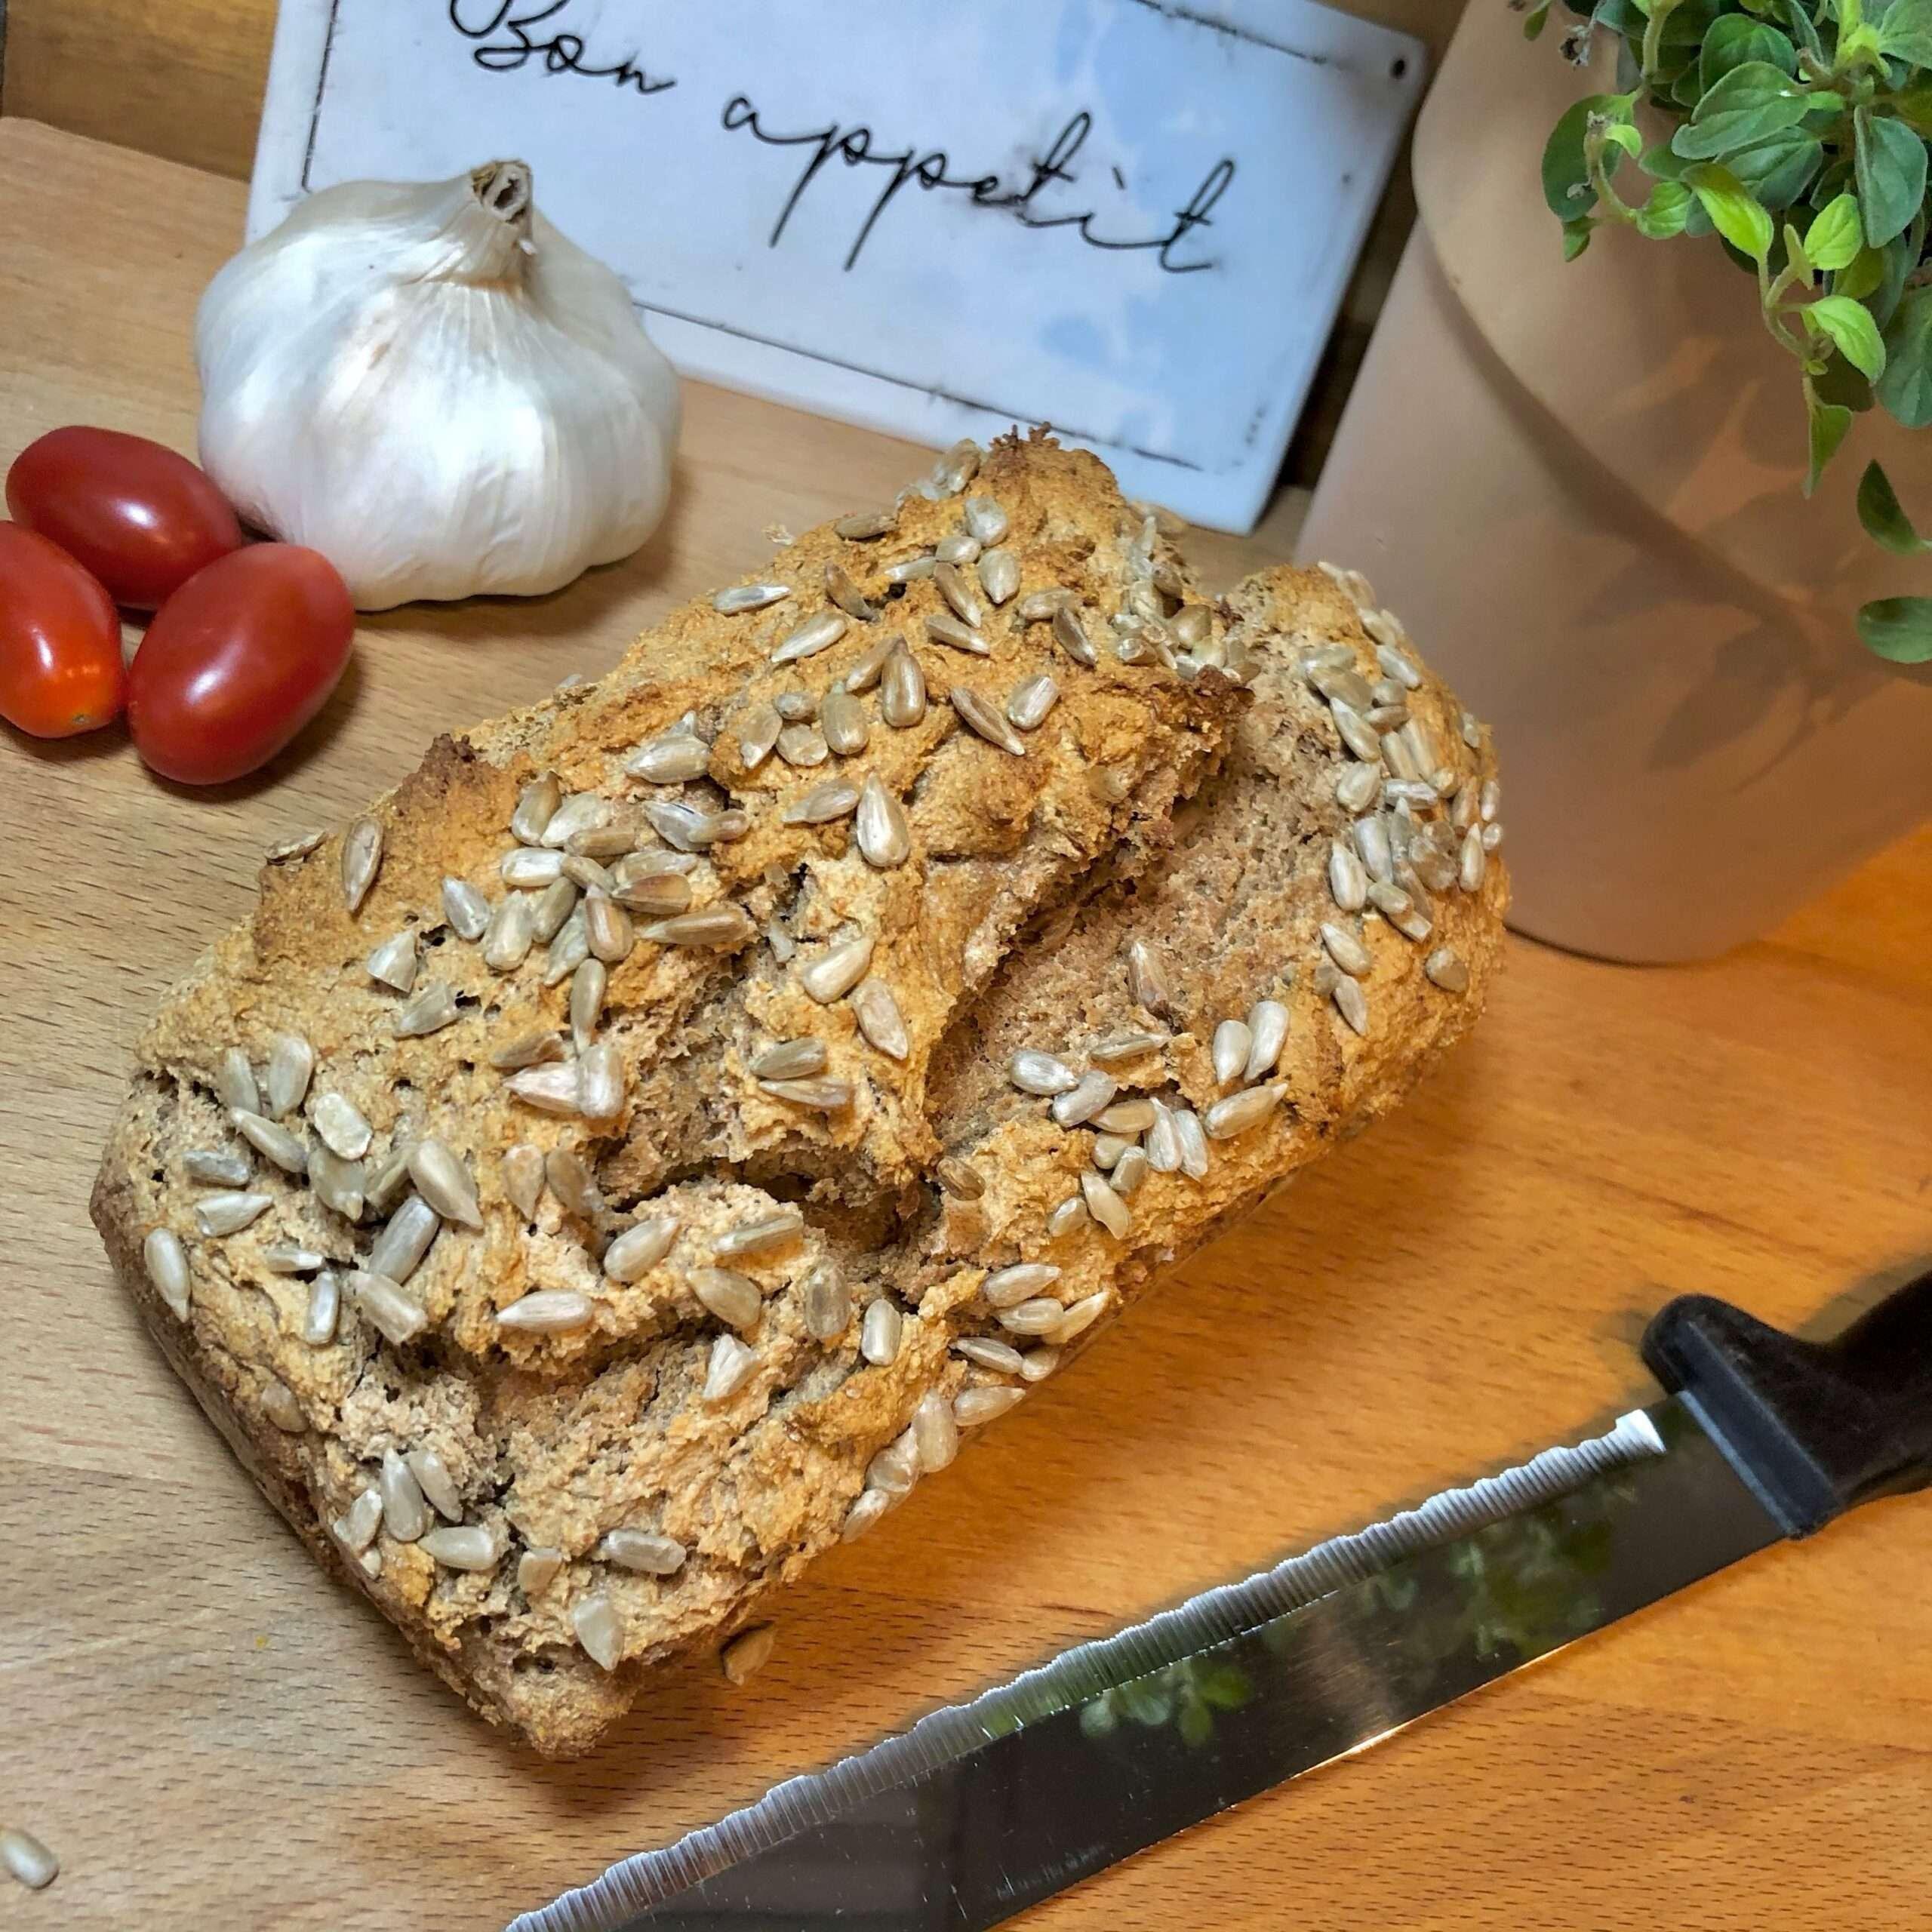 Vollkorn-Malz-Brot